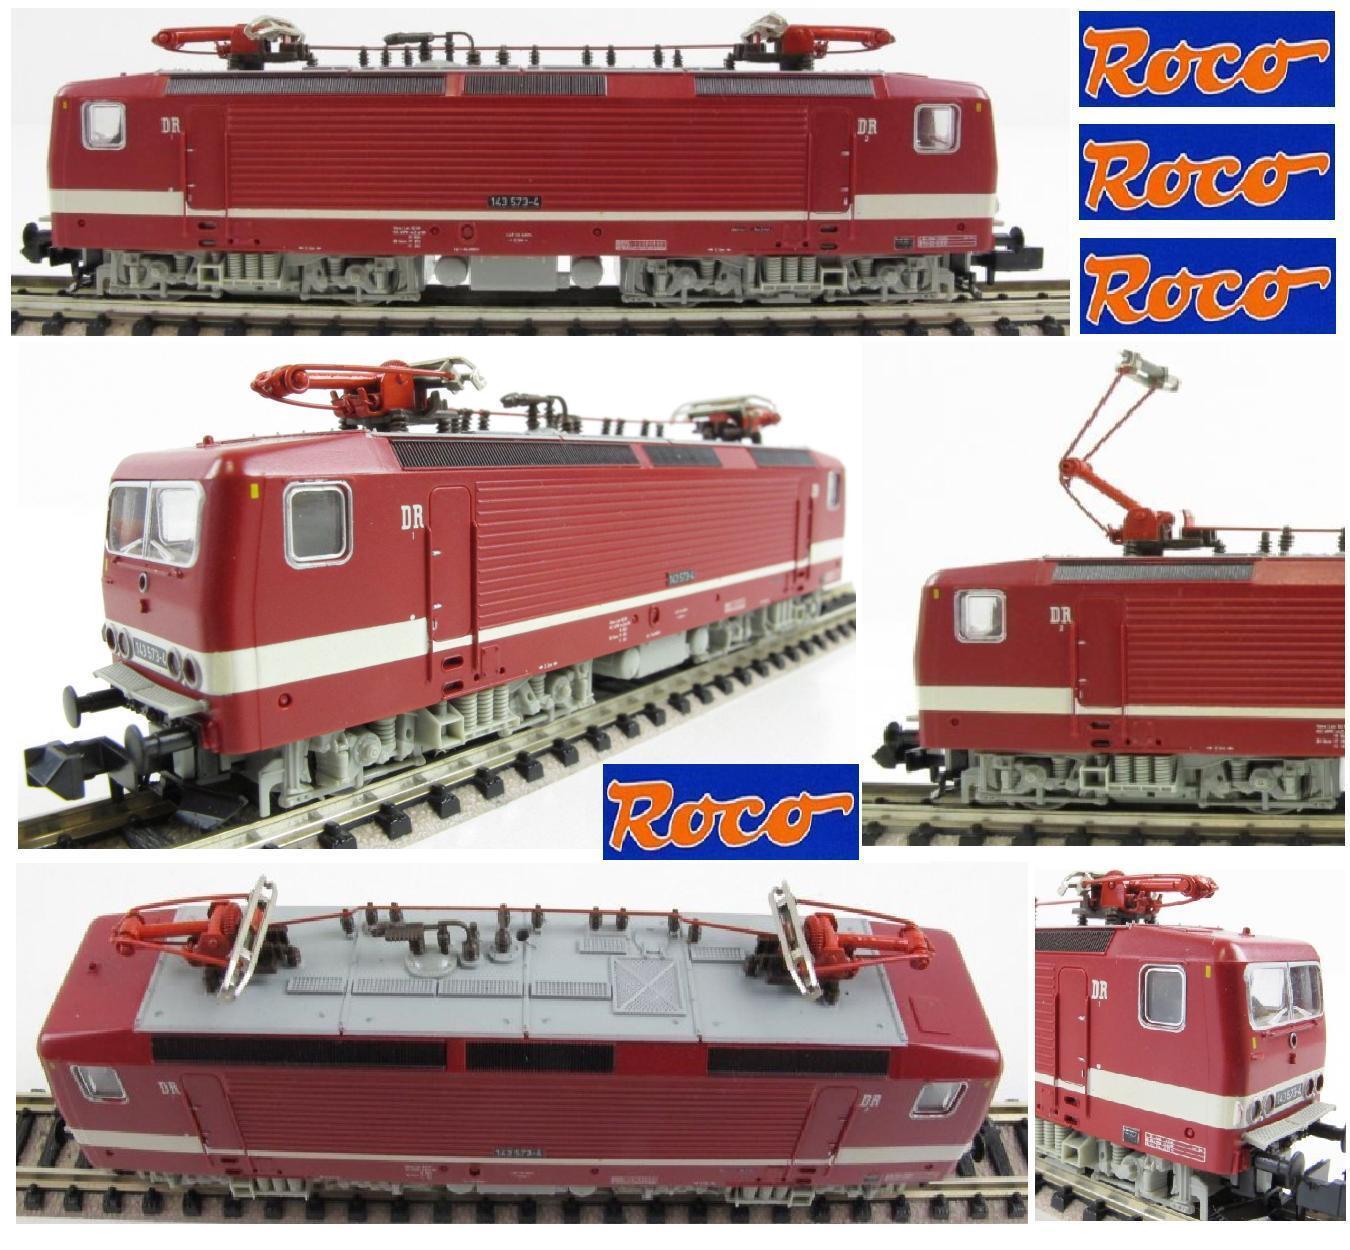 contatore genuino ROCO 23276 VINTAGE VINTAGE VINTAGE LOCOMOTORE ELETTRICO Serie BR143 573-4 DR LUCI Ep IVa SCALA-N  qualità di prima classe